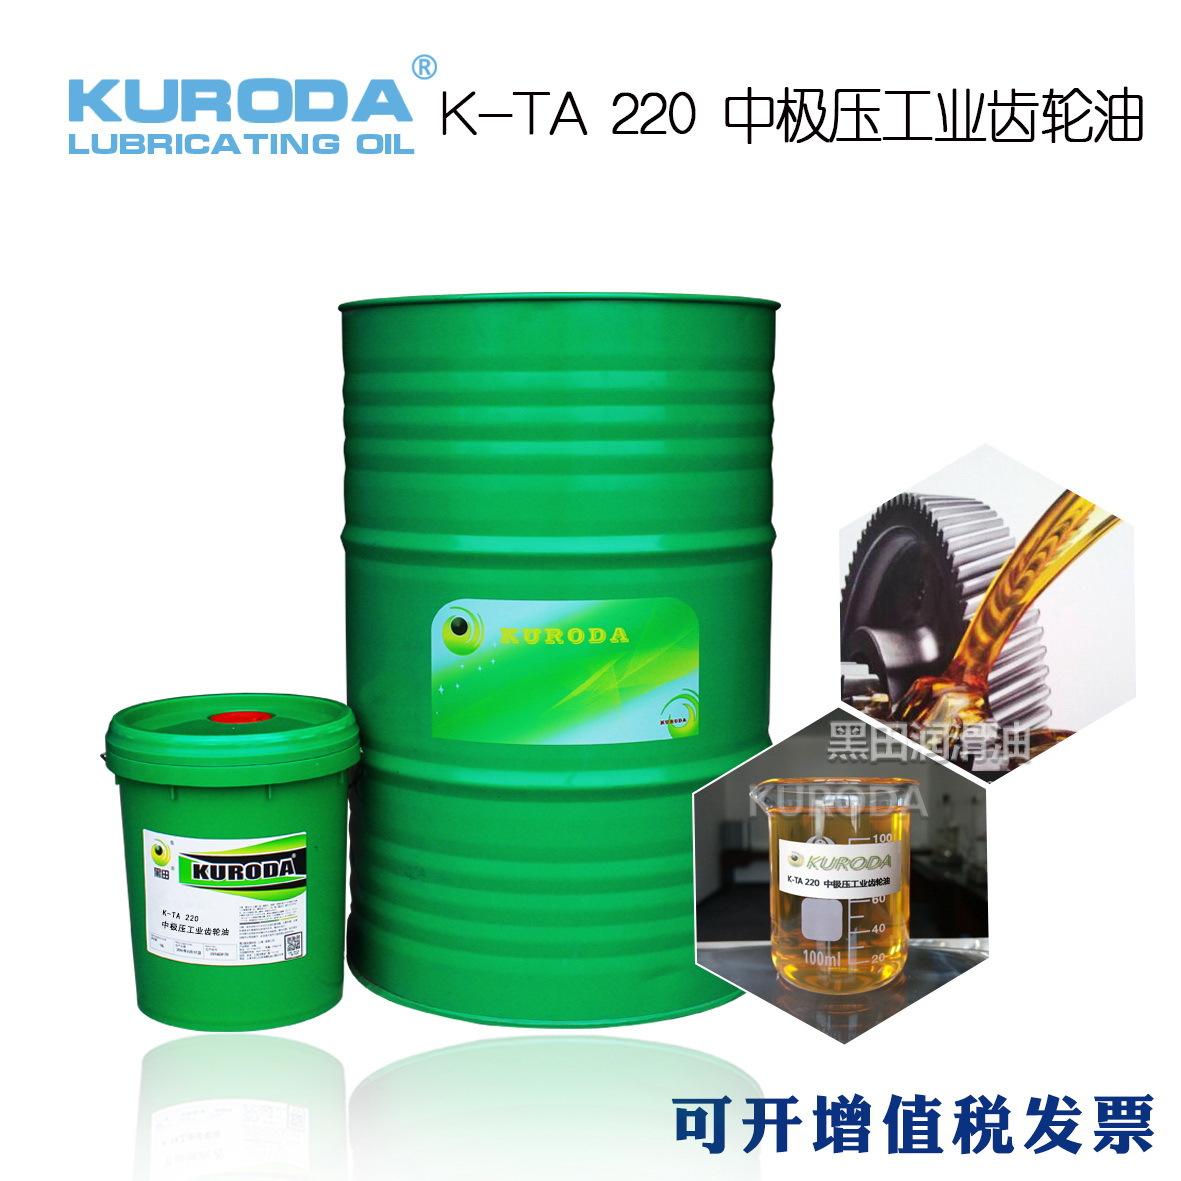 Kuroda K-TA220 vừa cực áp lực công nghiệp dầu bánh răng